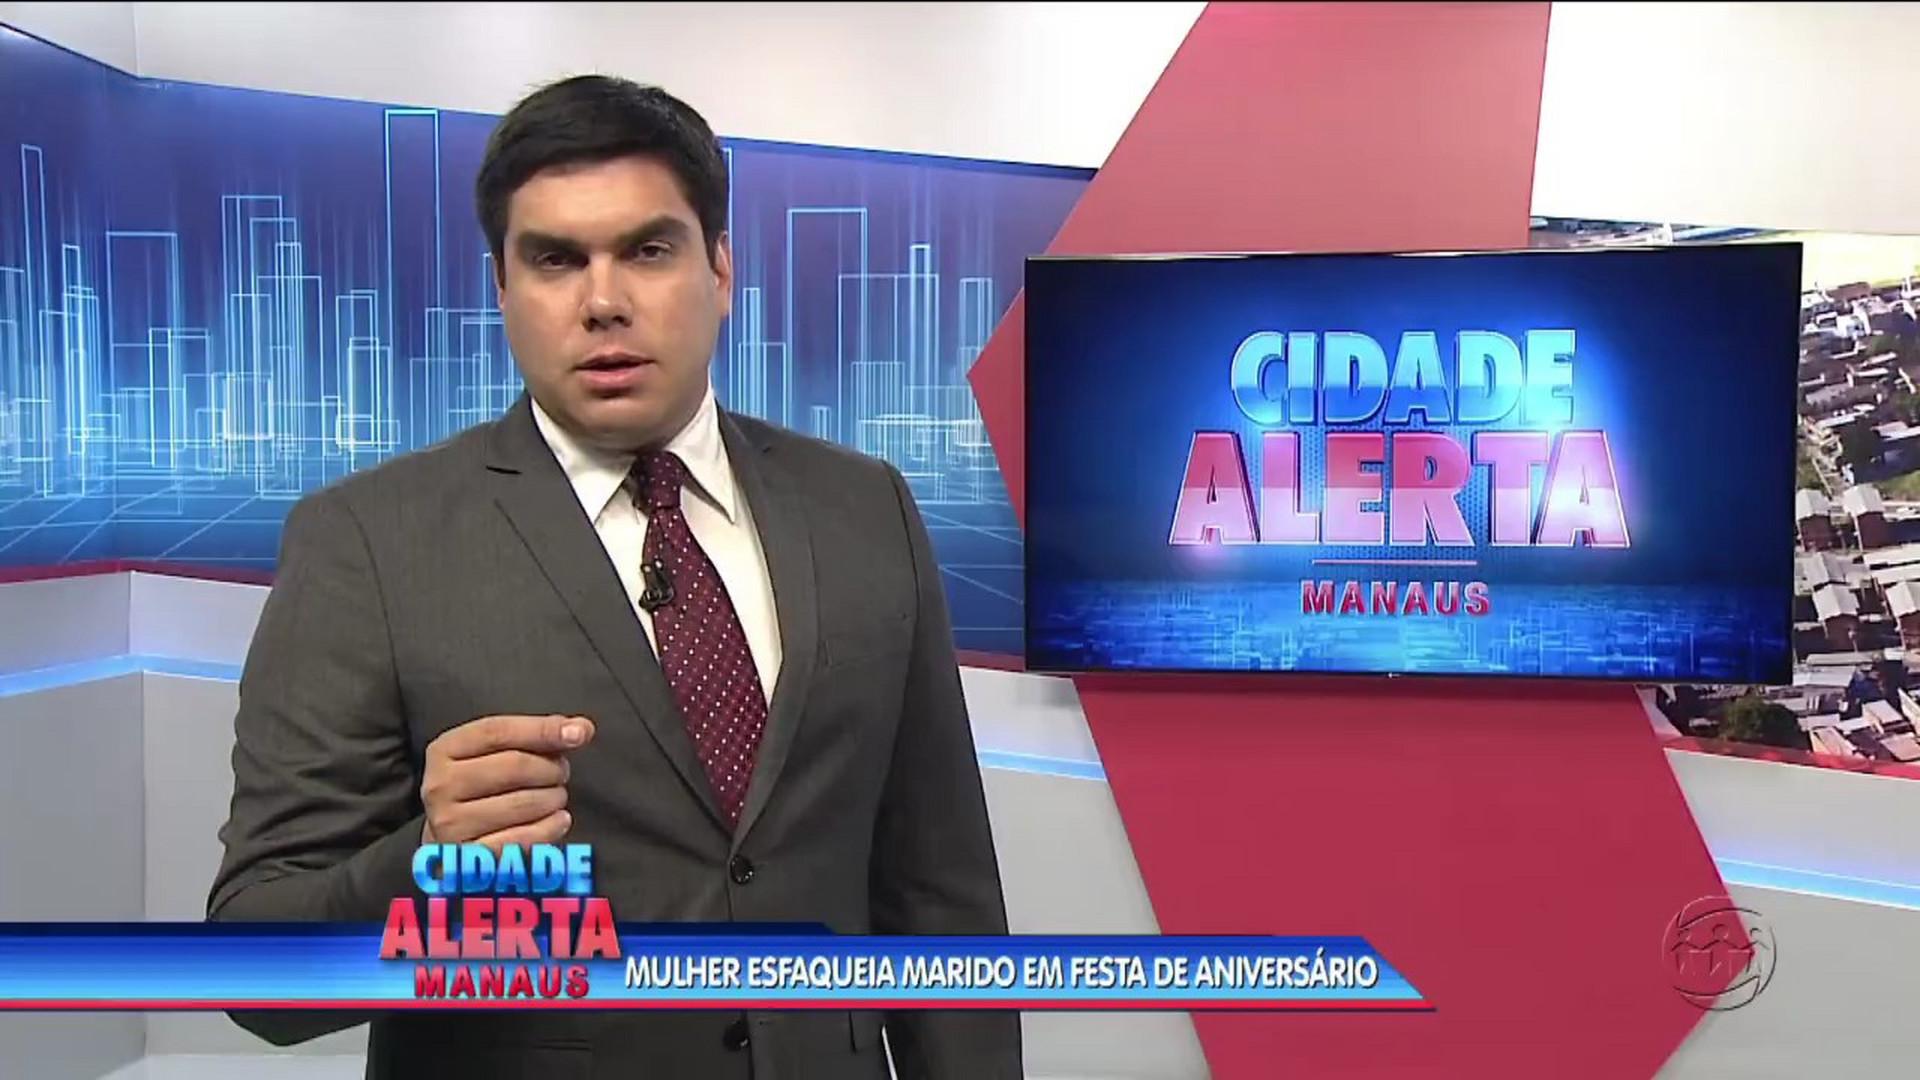 CIÚME: MULHER ESFAQUEIA MARIDO EM FESTA DE ANIVERSÁRIO - Cidade Alerta Manaus - 14/08/17